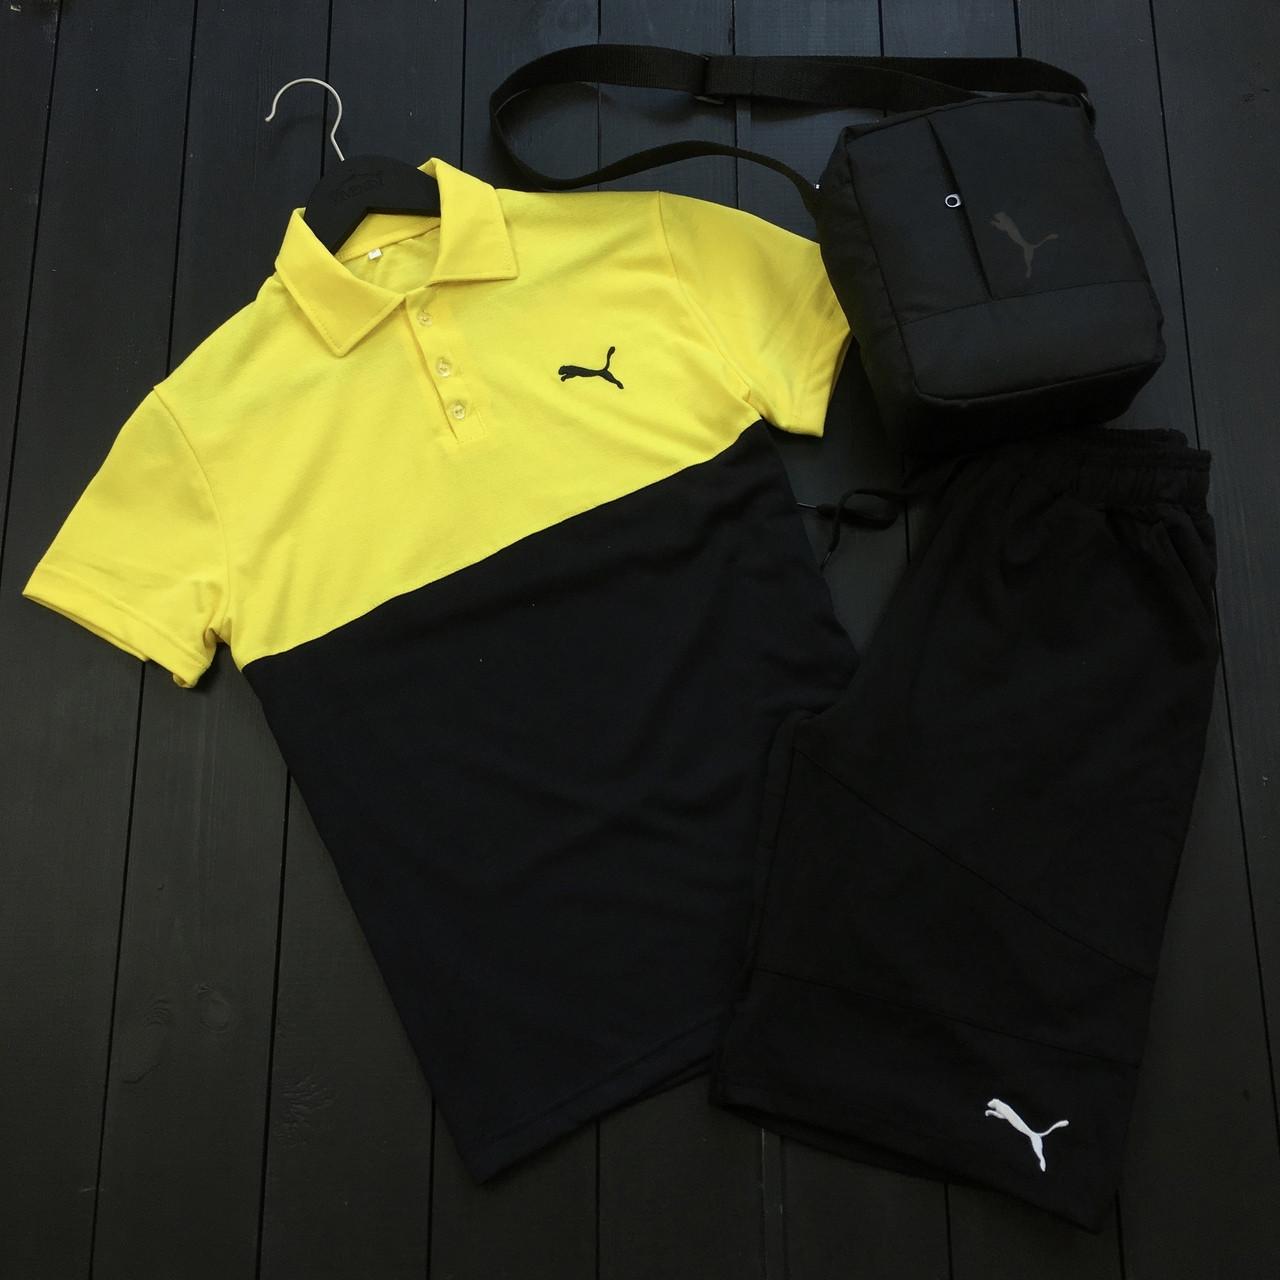 Чоловічий літній чорно-жовтий комплект. Шорти + Поло + Месенджер у ПОДАРУНОК! Літній спортивний костюм.